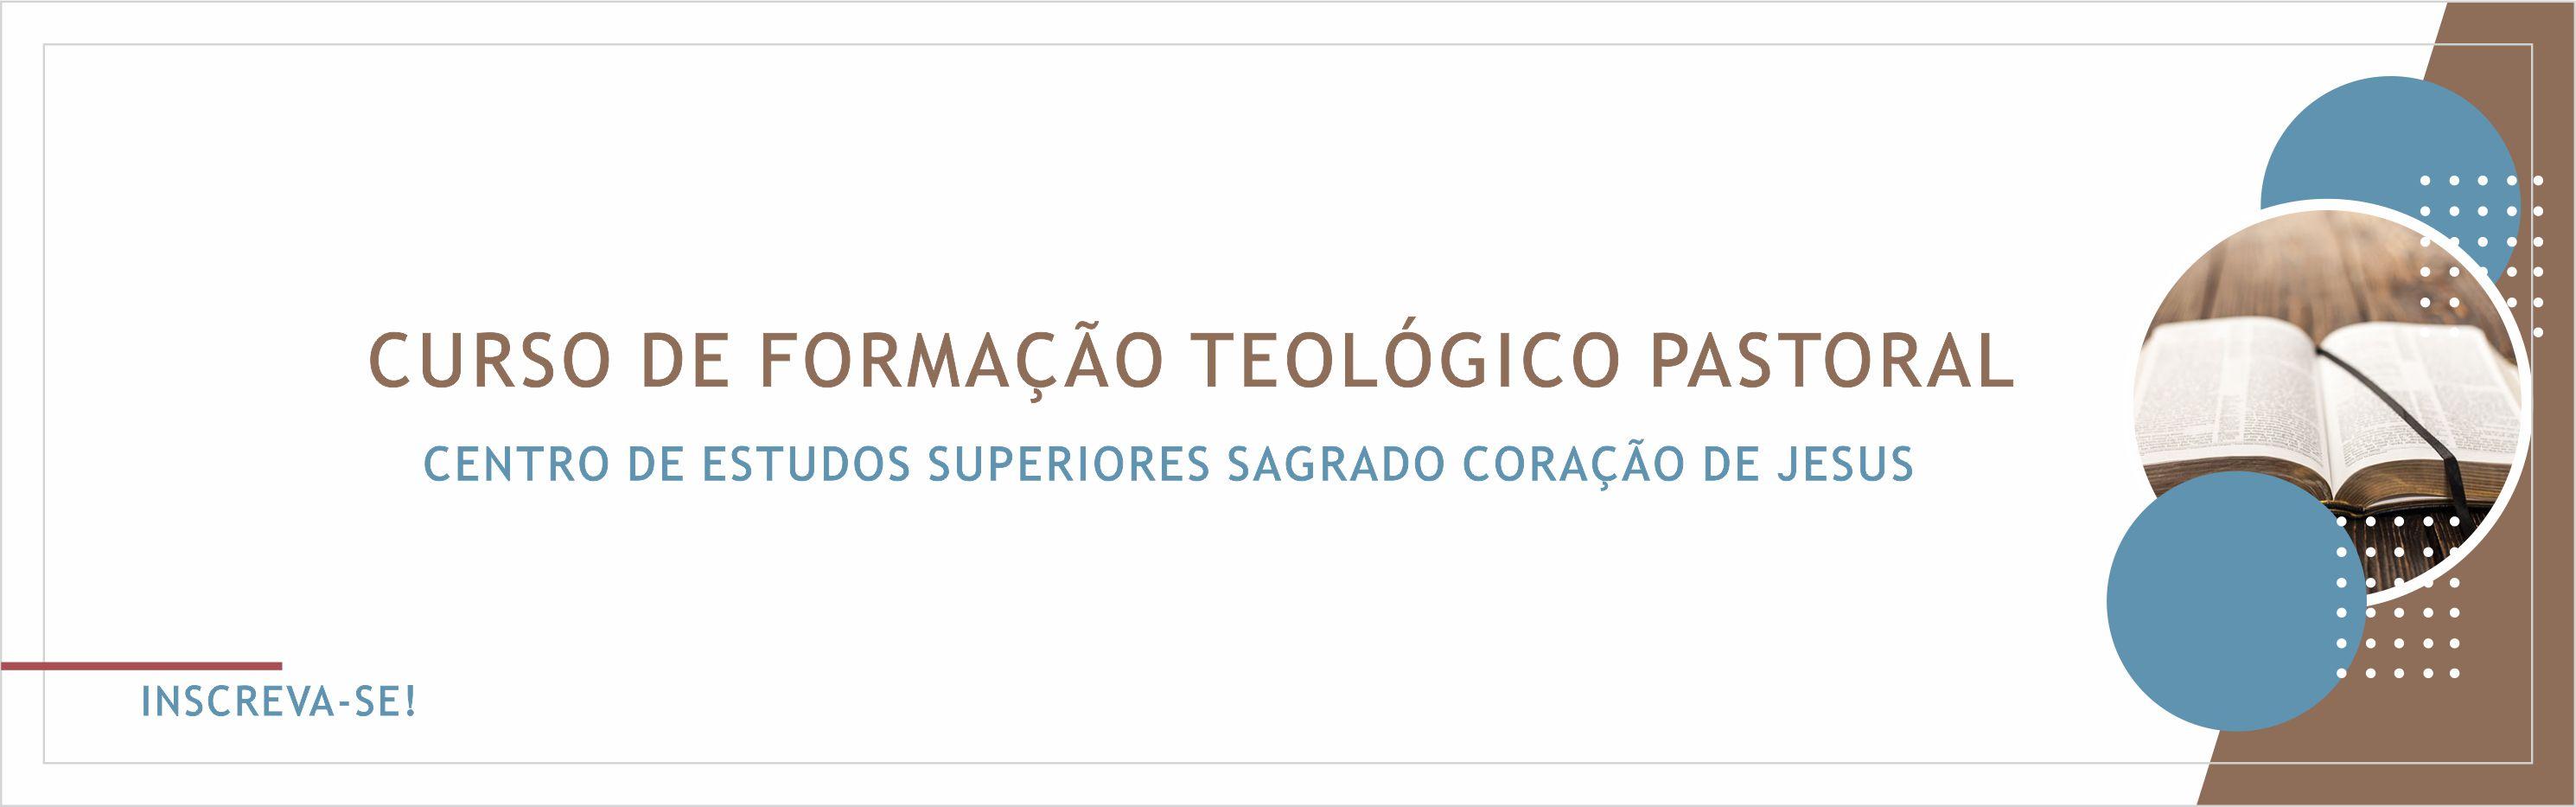 CURSO-TEOLOGIA-2018_SITE-1